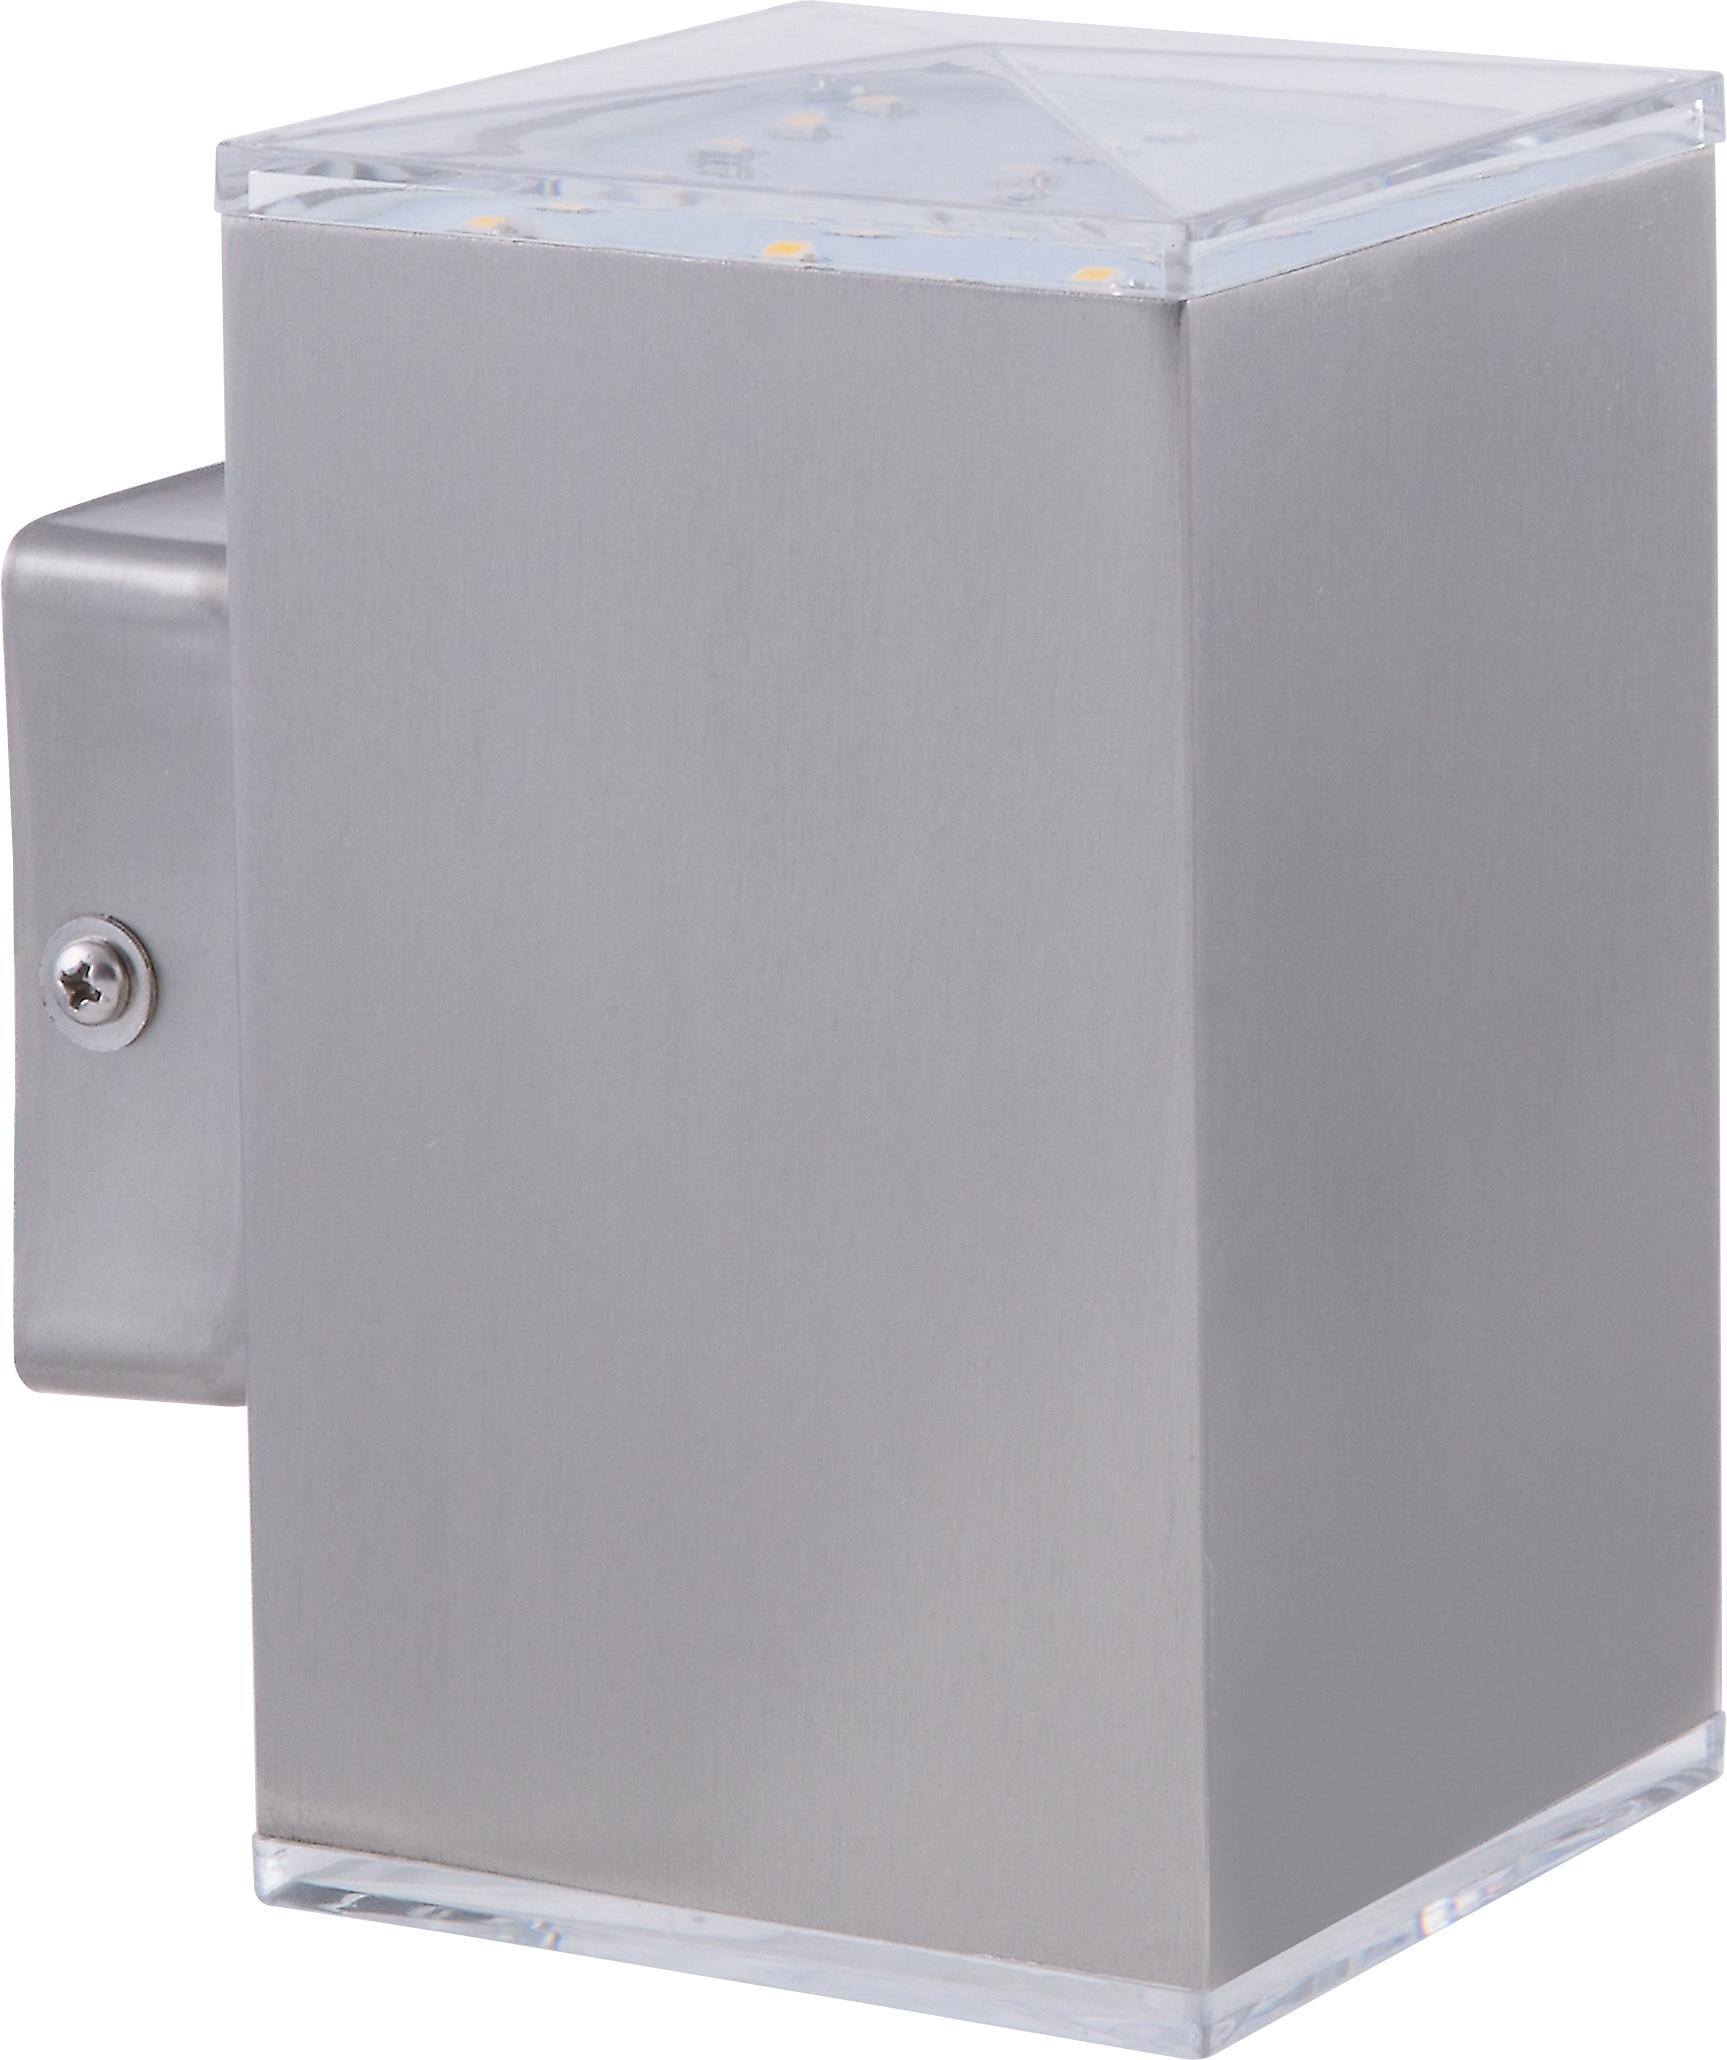 HEITRONIC LED Wandleuchte Kubus, LED-Modul, 1 St., Warmweiß, Robustes Edelstahlgehäuse